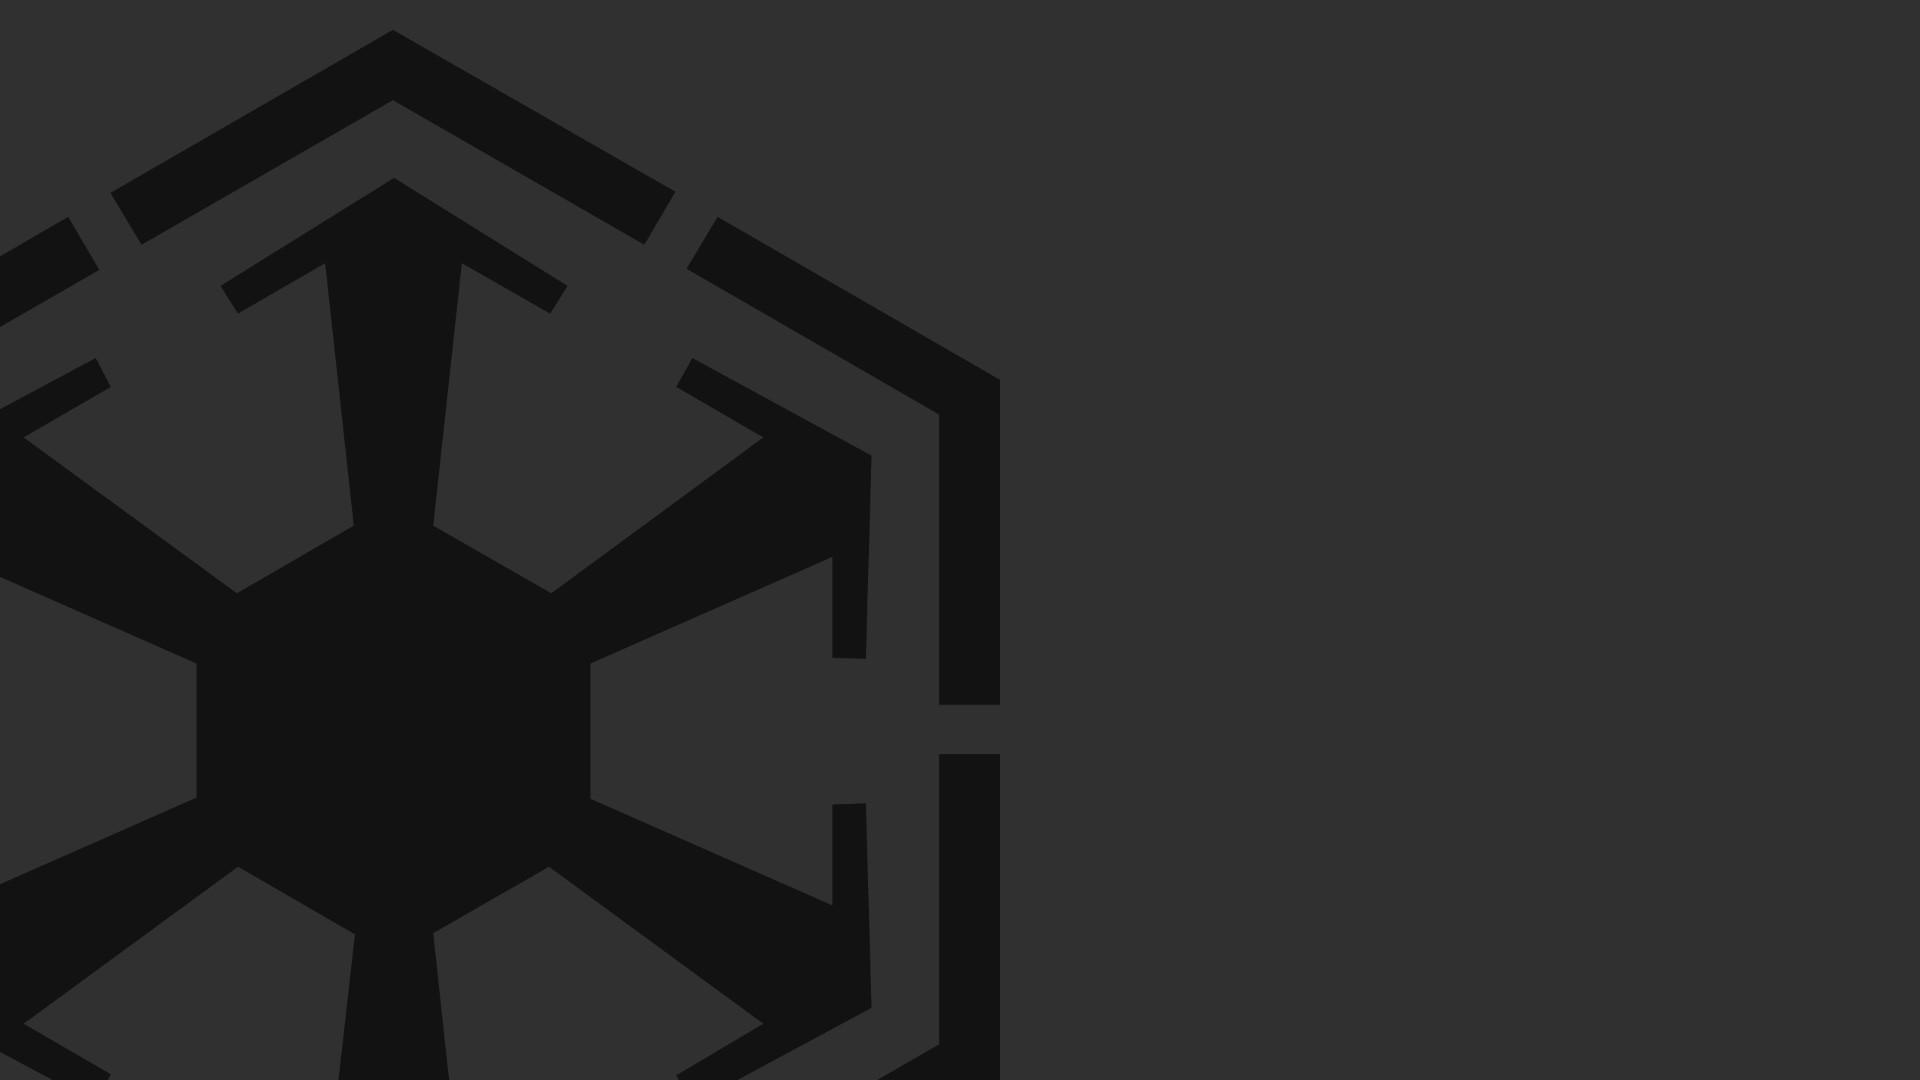 2560x1600 Star Wars Symbol Wallpaper